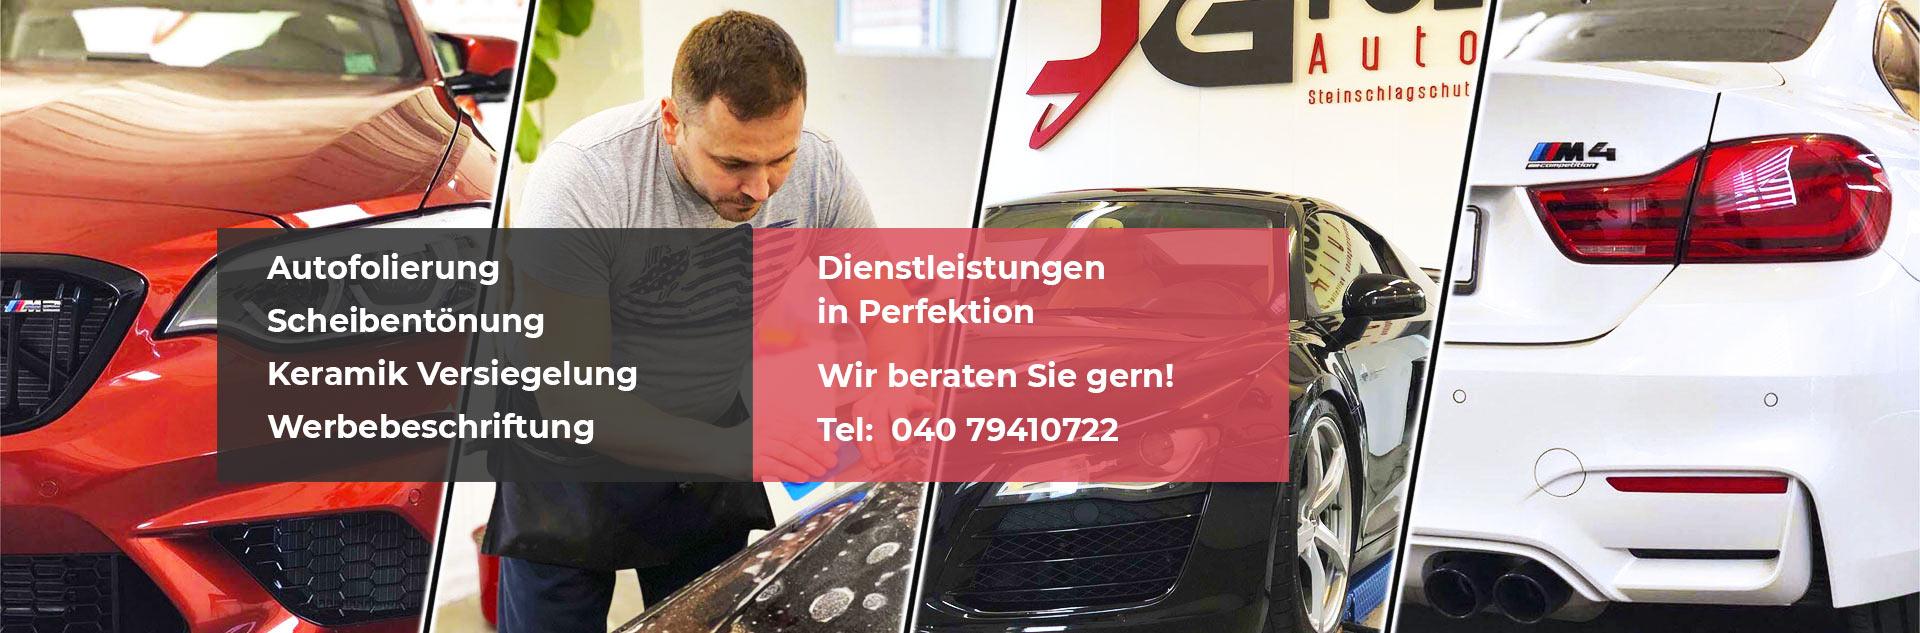 Scheiben tönen in Hamburg Autofolierung